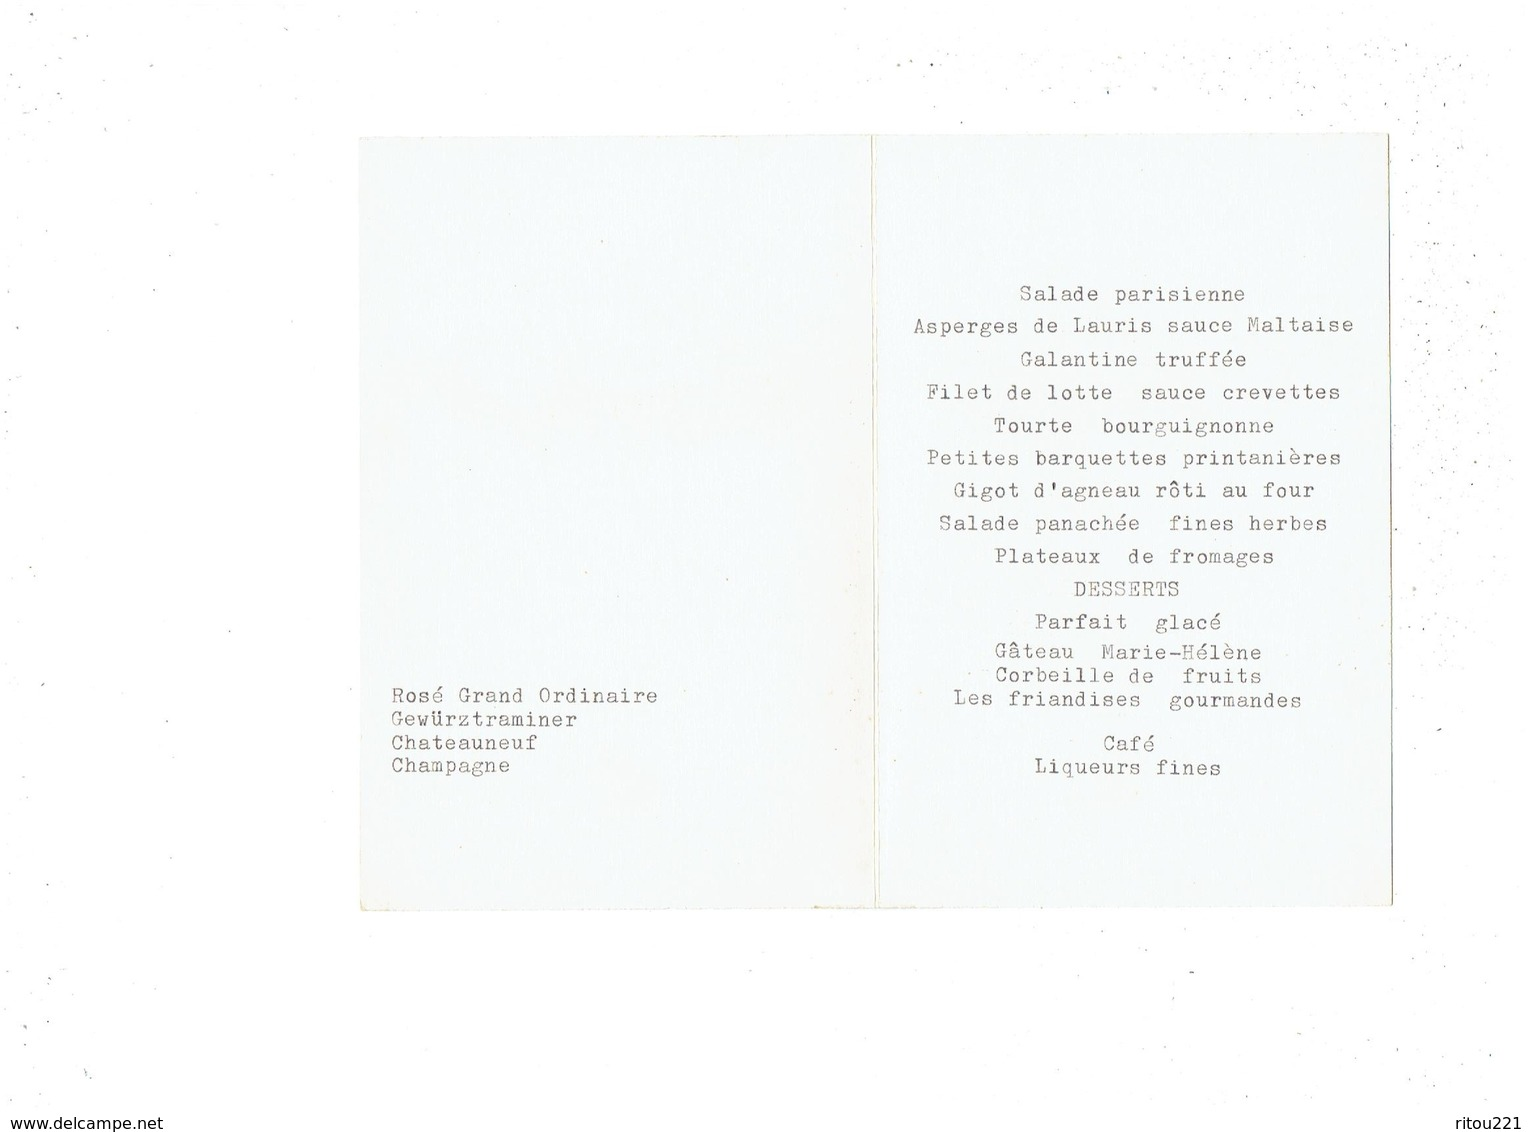 Menu De BAPTEME - 1960 - Illustration Desmarais Barré Dayez N°13037  - Couffin Bébé Lapin - Galantine Truffée Asperges - Menus